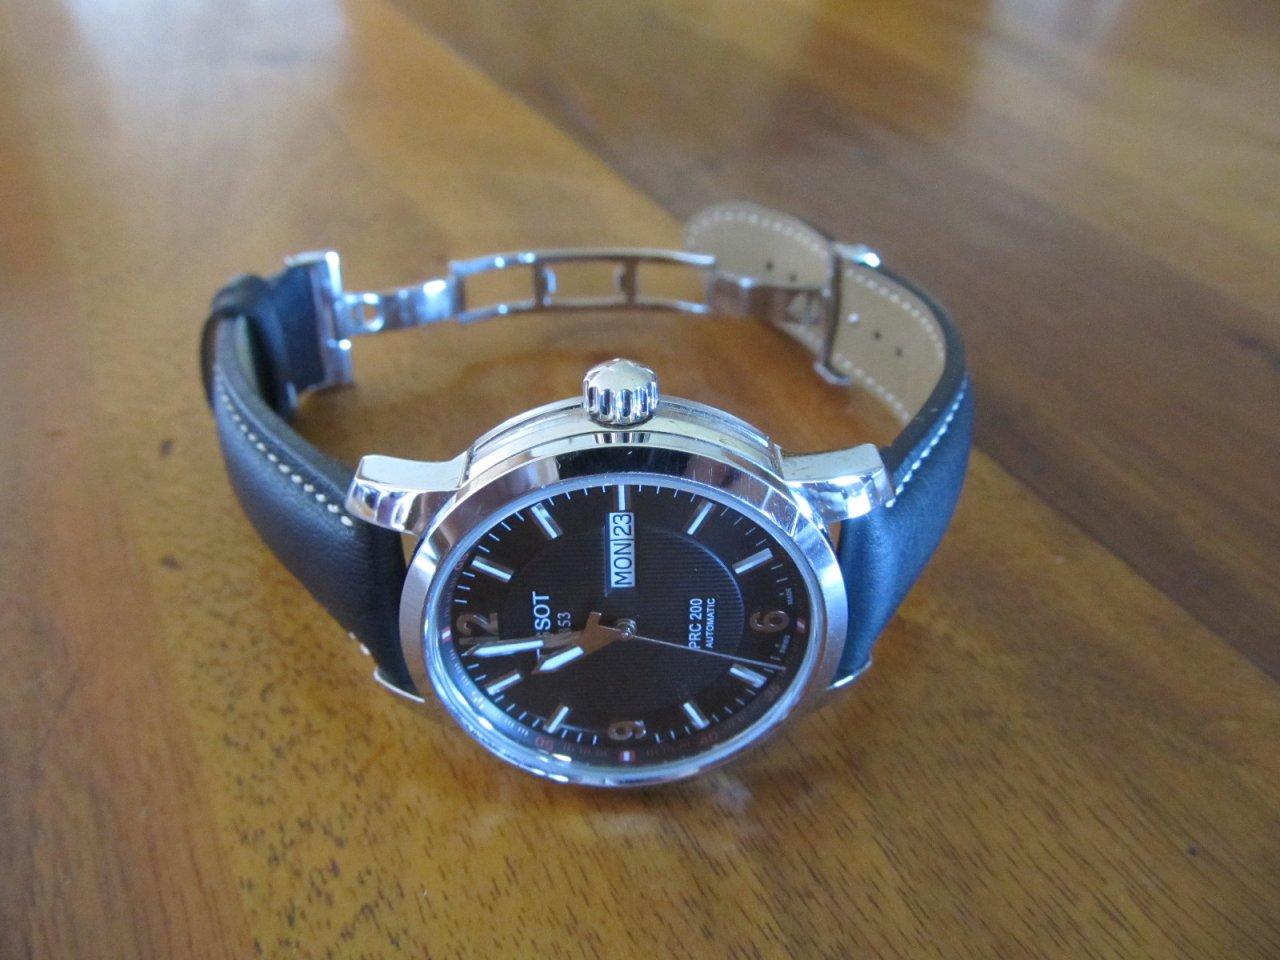 Đồng hồ cơ Tissot 1853 T014.430.16.057.00 dây da chốt bằng hợp kim hiện đại